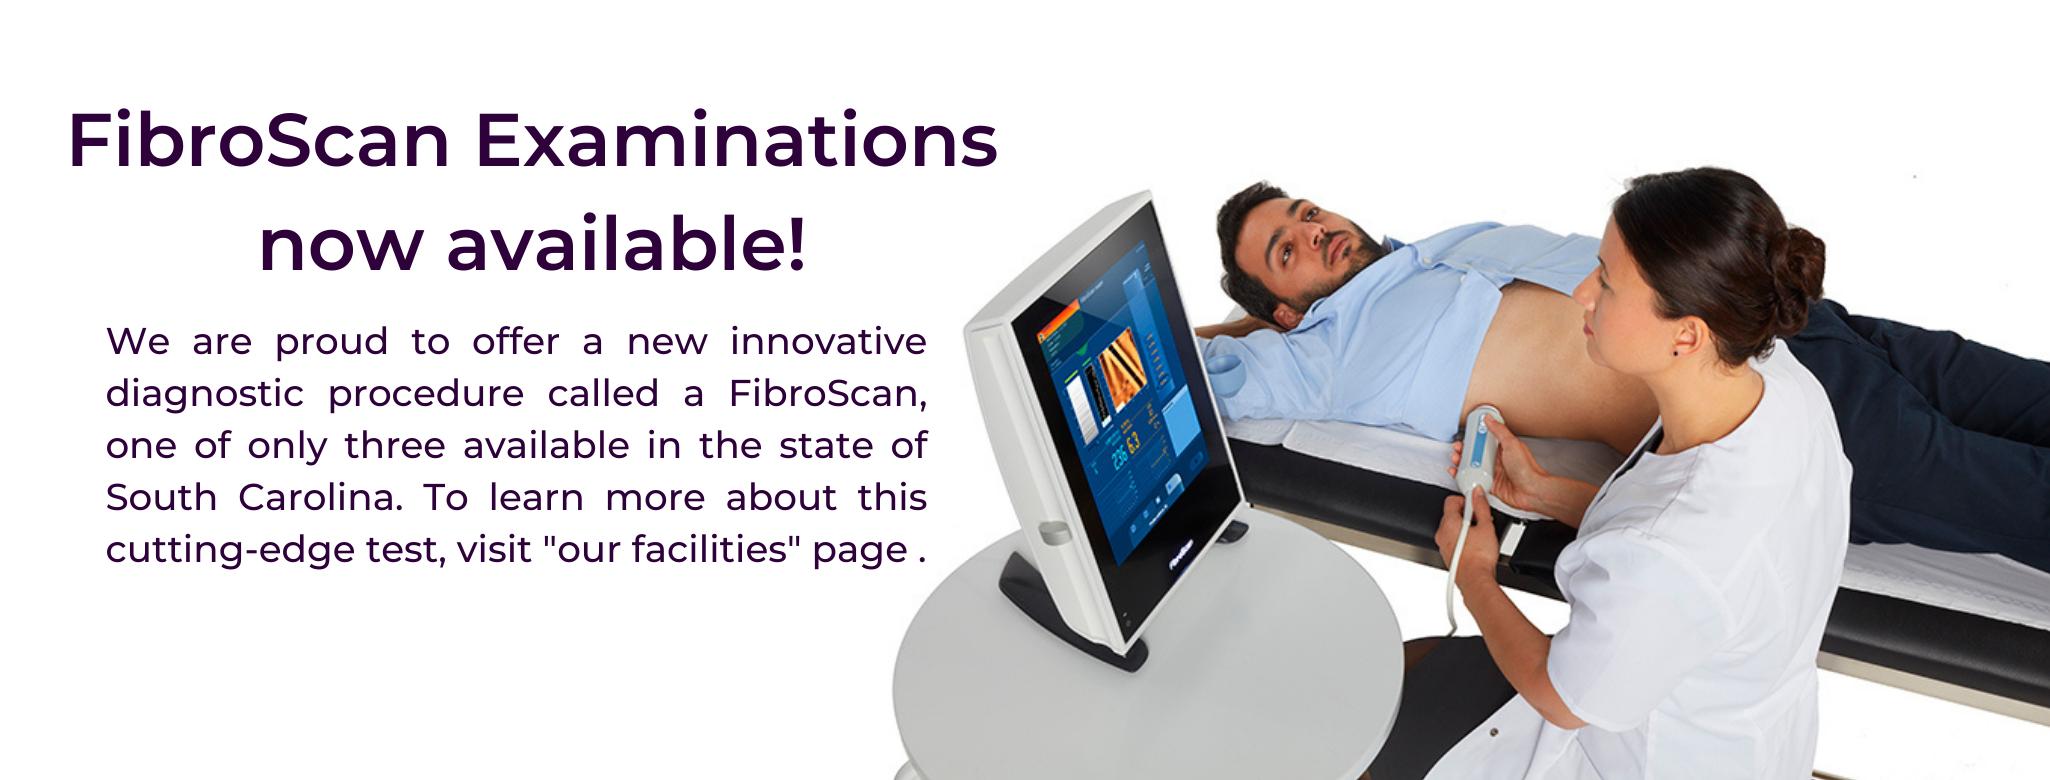 FibroScan Website header